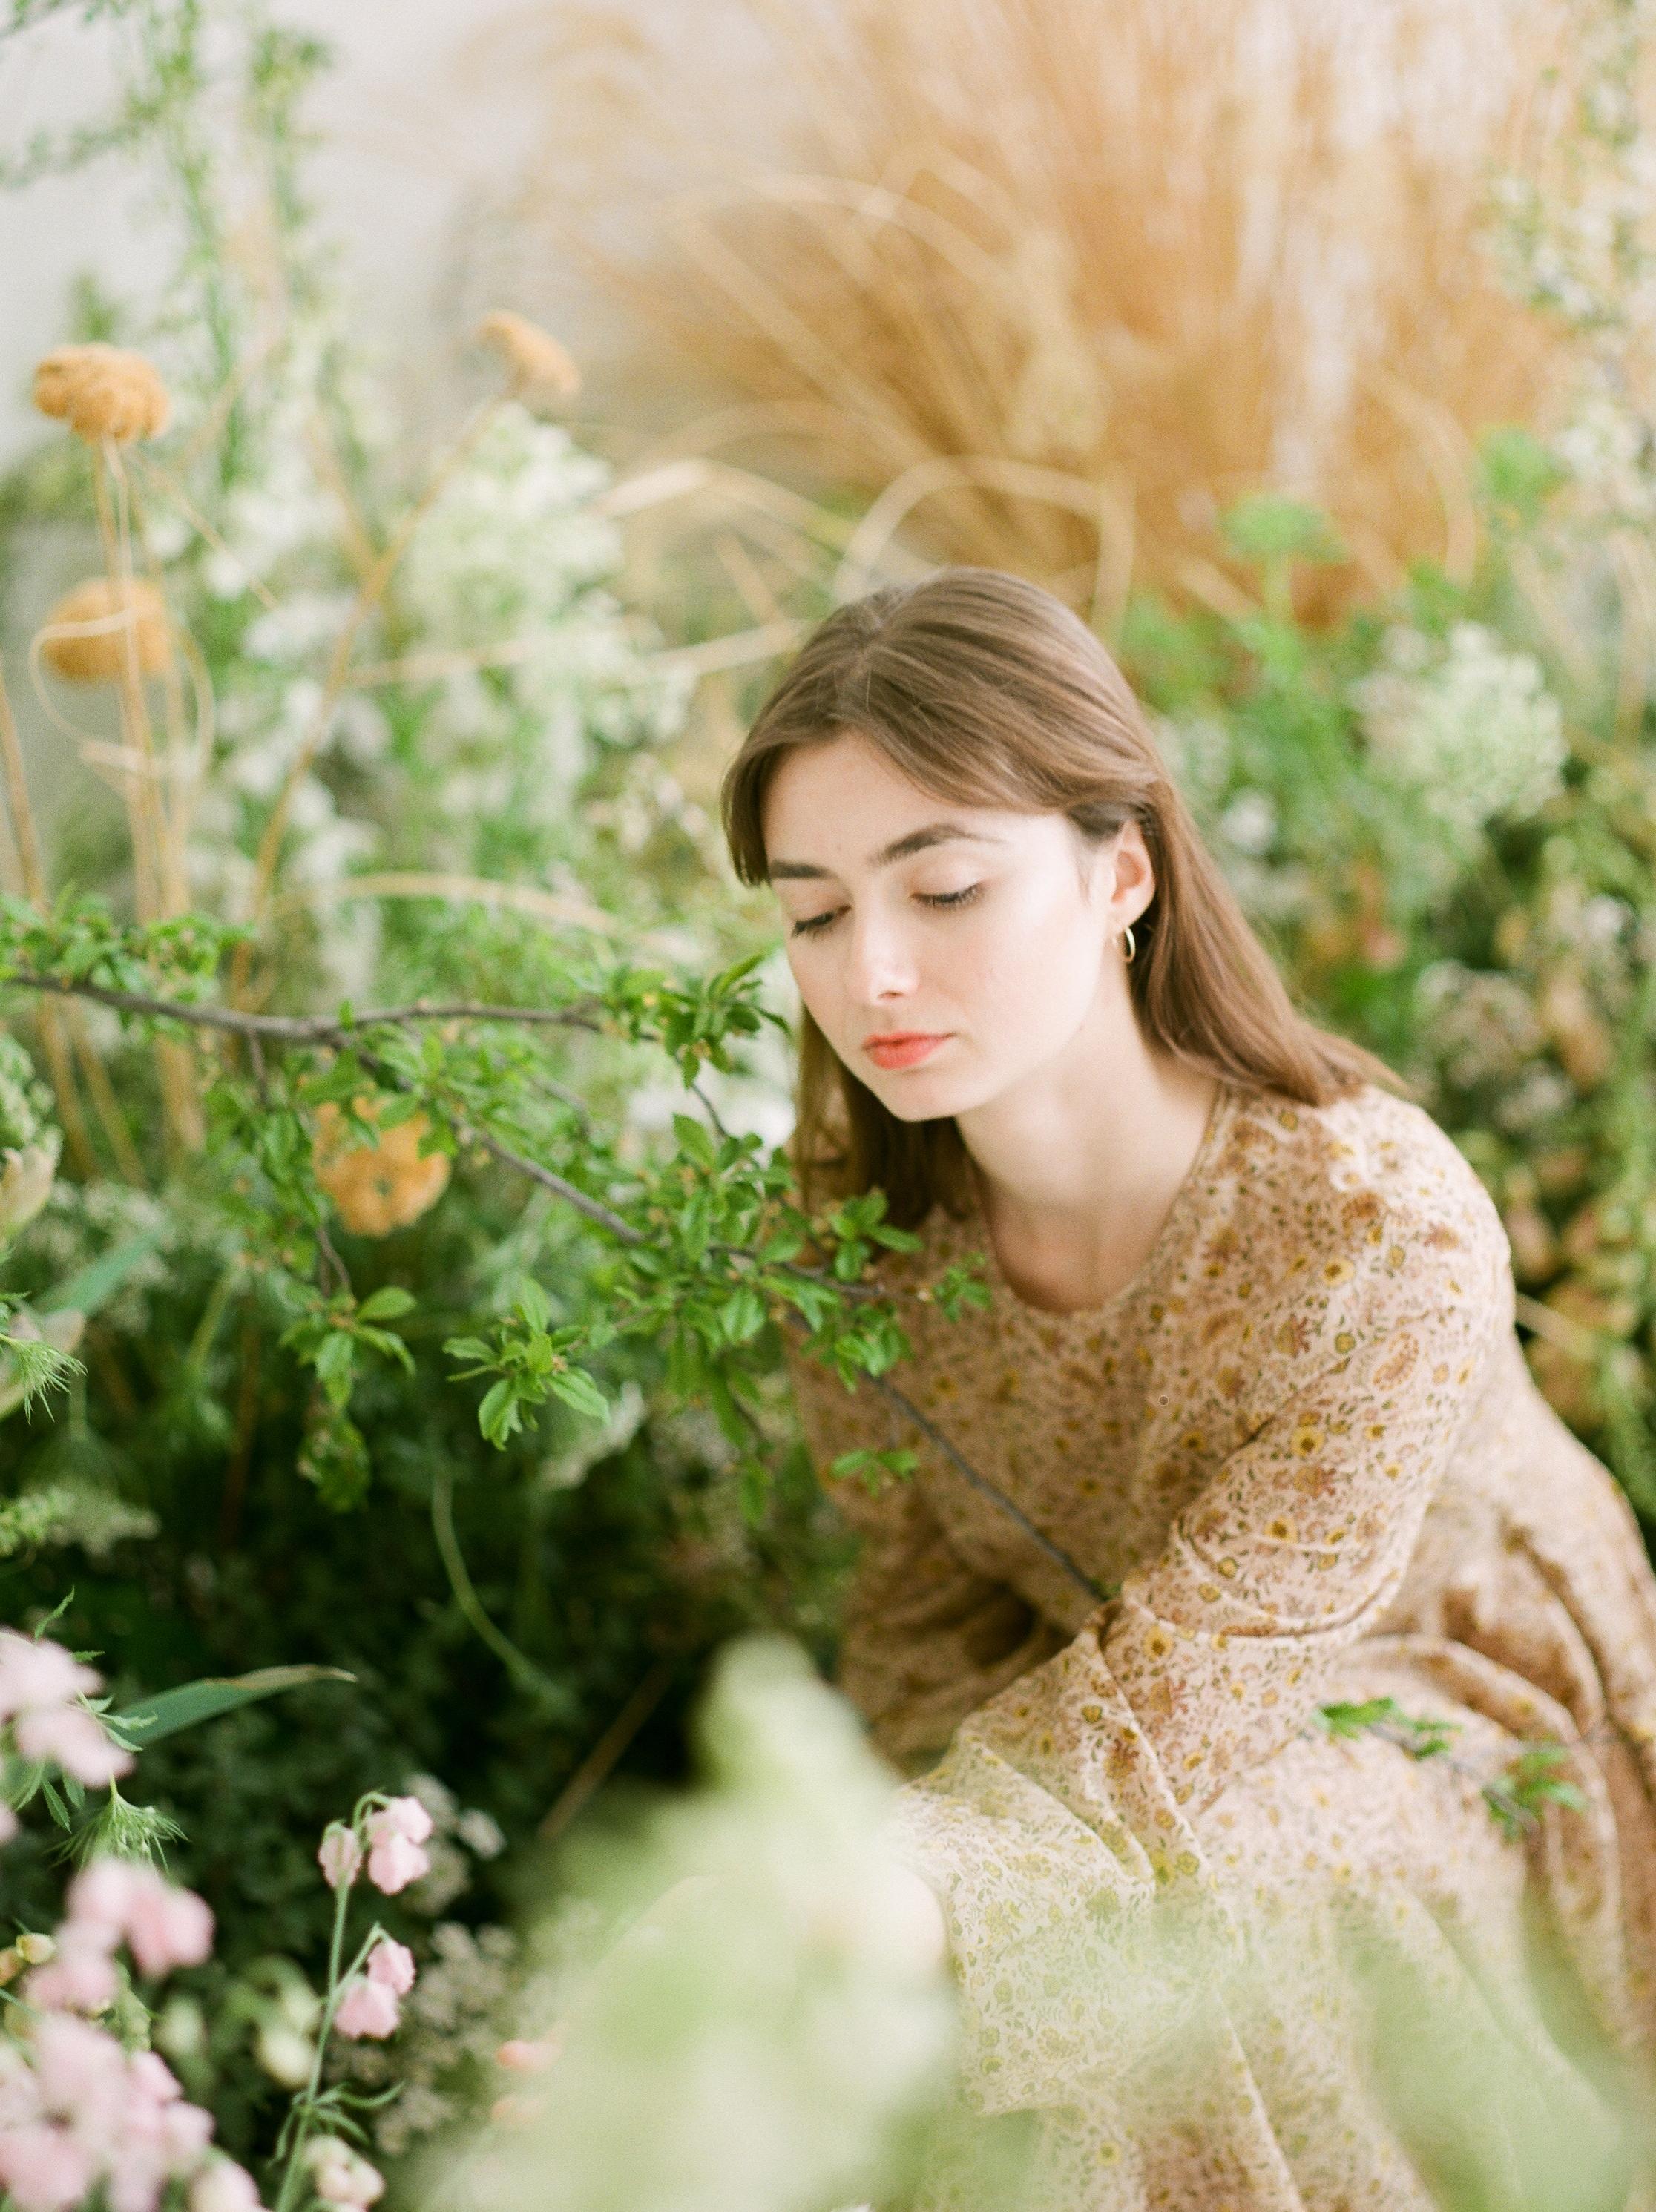 olya_vitulli_loom_bloom-5.jpg